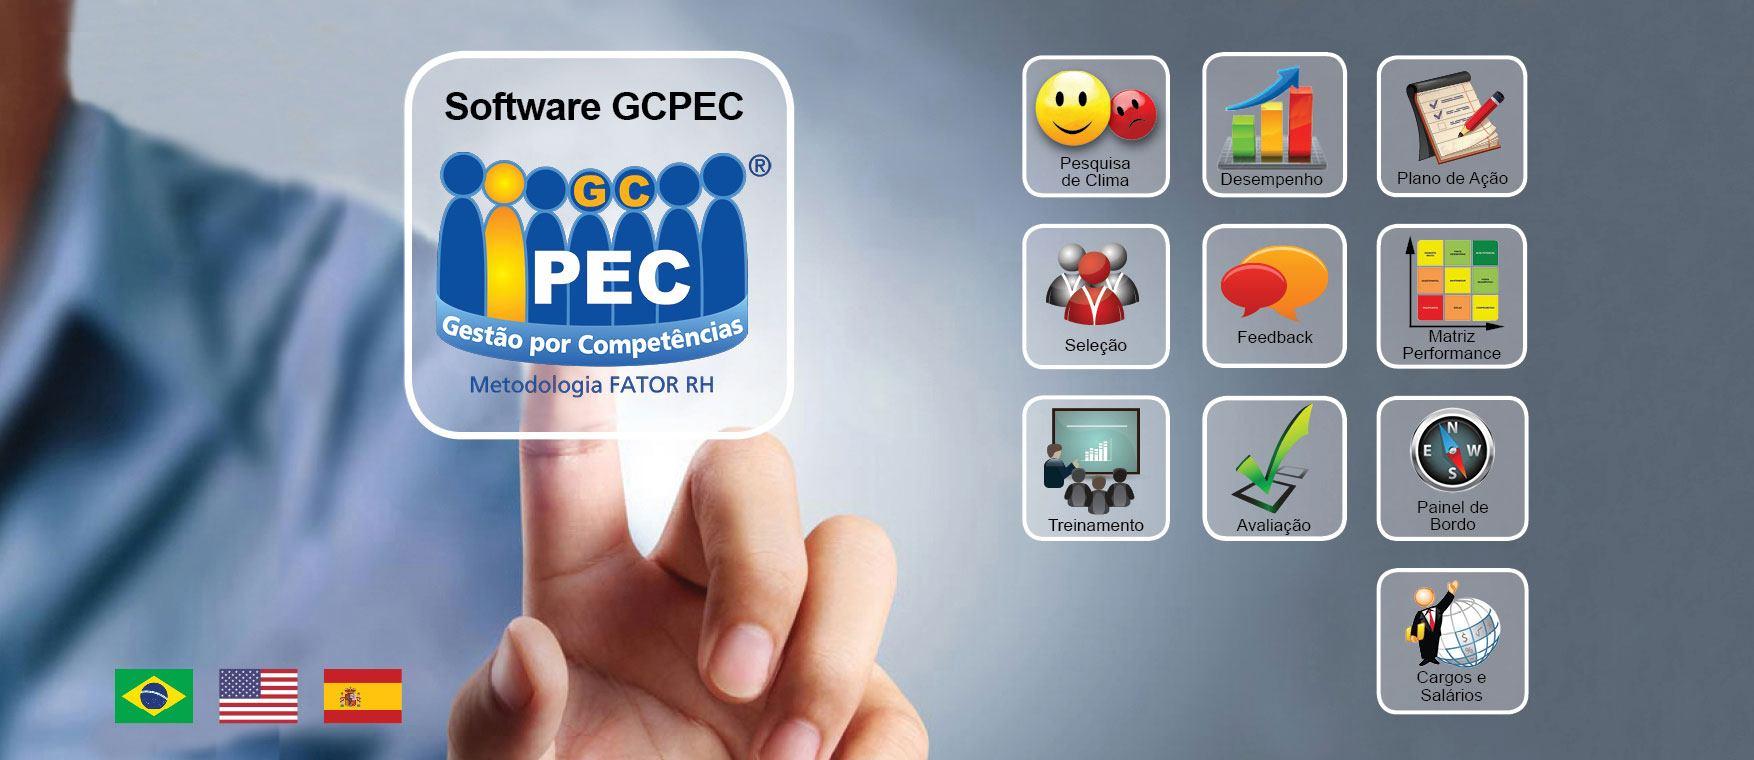 Software GCPEC - Gestão por Competências